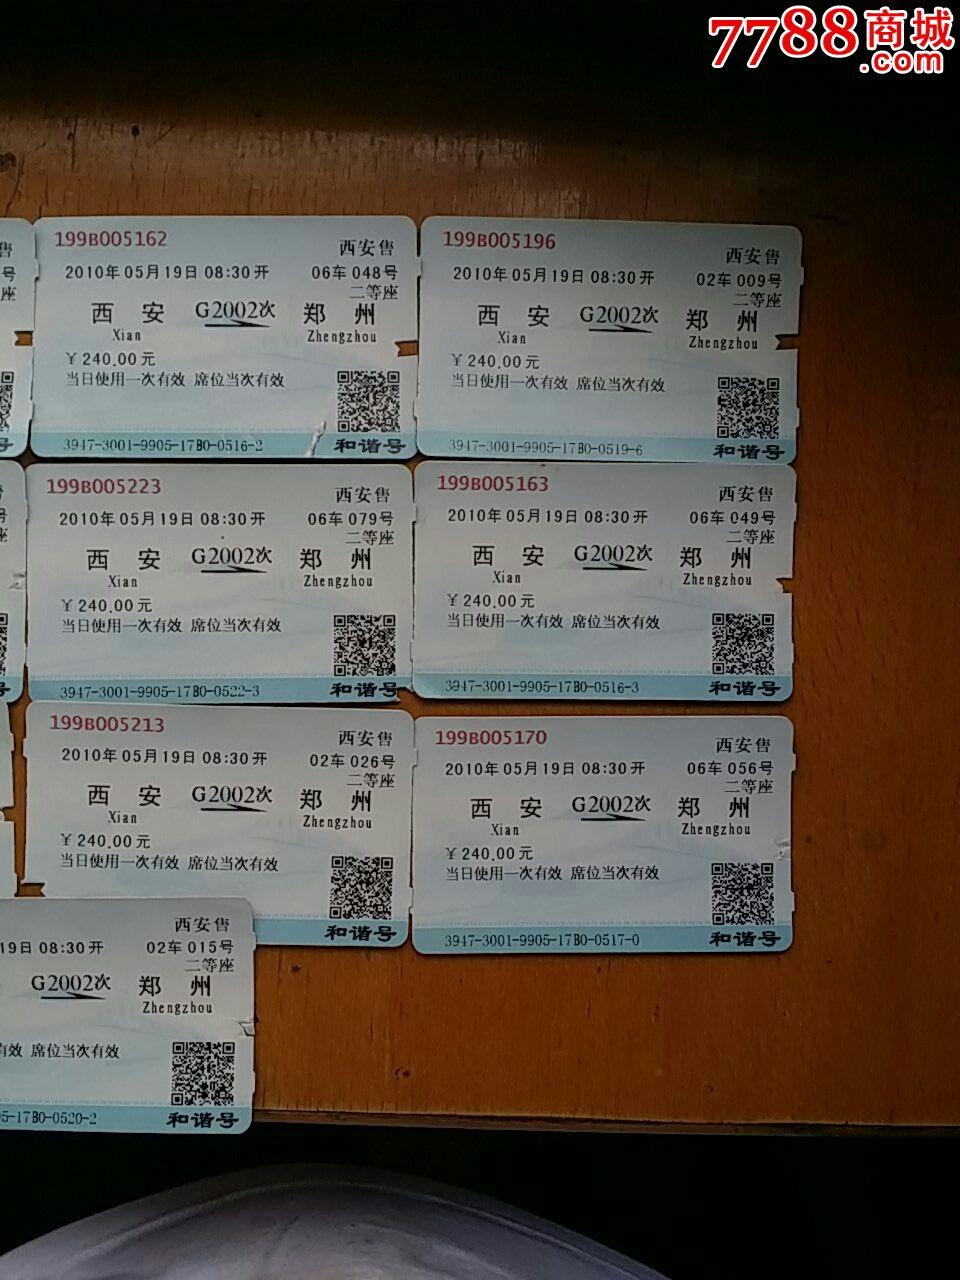 西安到郑州和谐号火车票